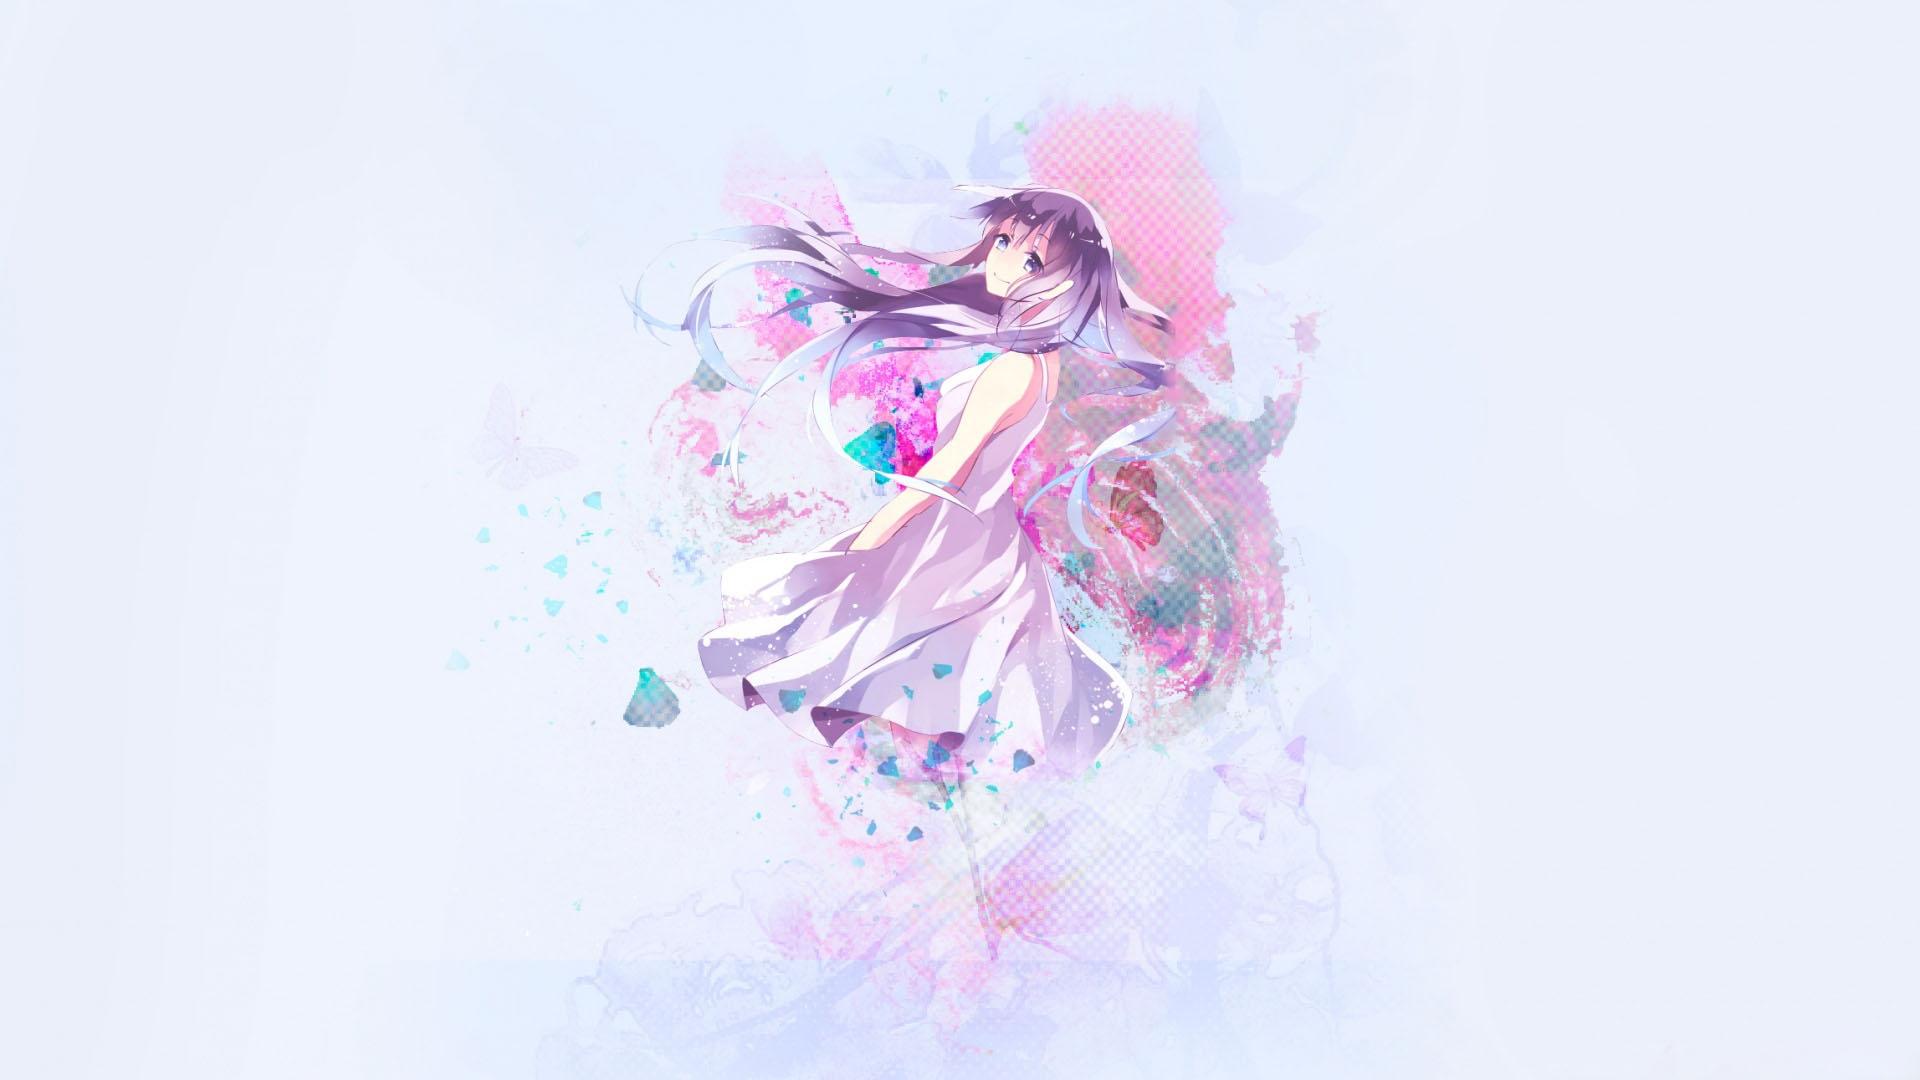 Pastel Anime Mac Wallpaper Download | Free Mac Wallpapers ...